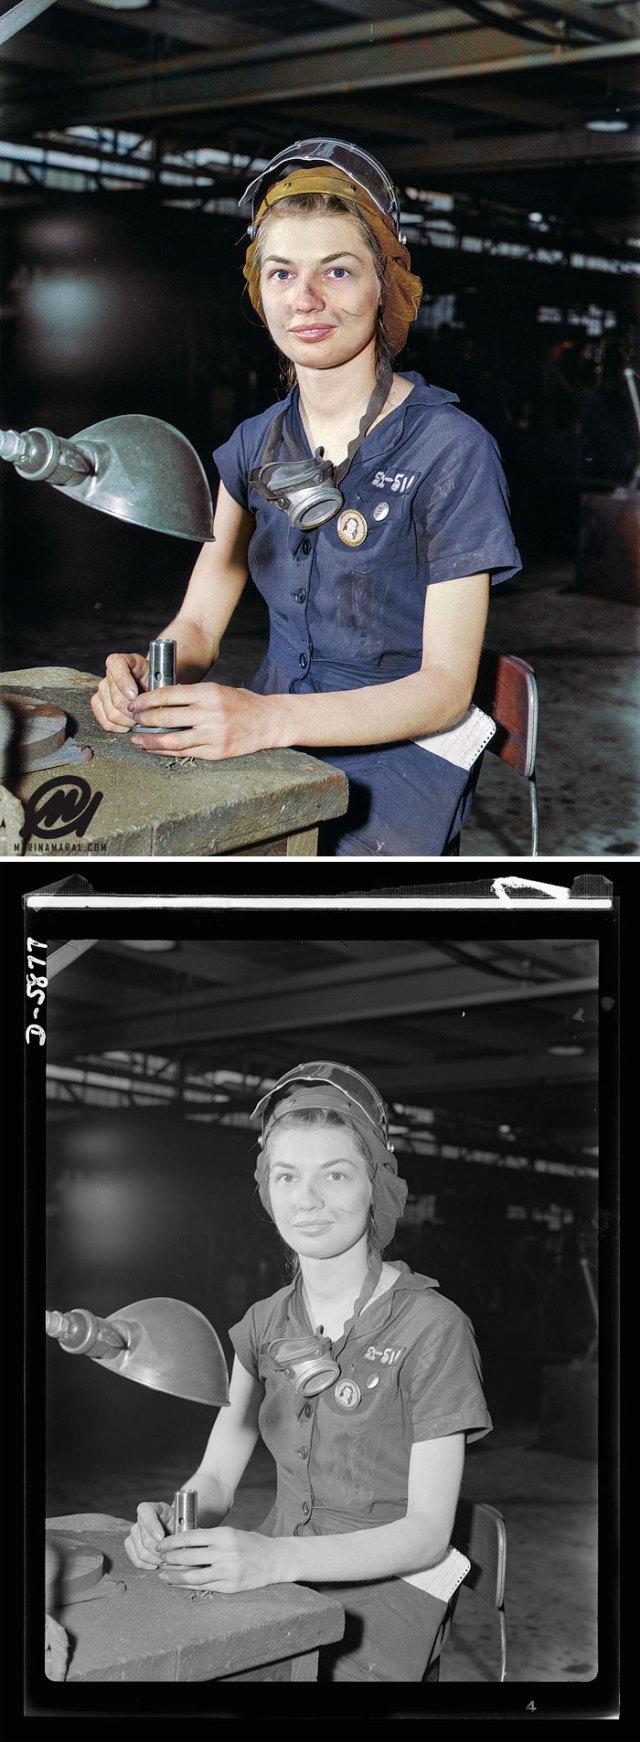 Eunice Hancock, de 21 años, laborando en una fábrica de aviones, Agosto 1942